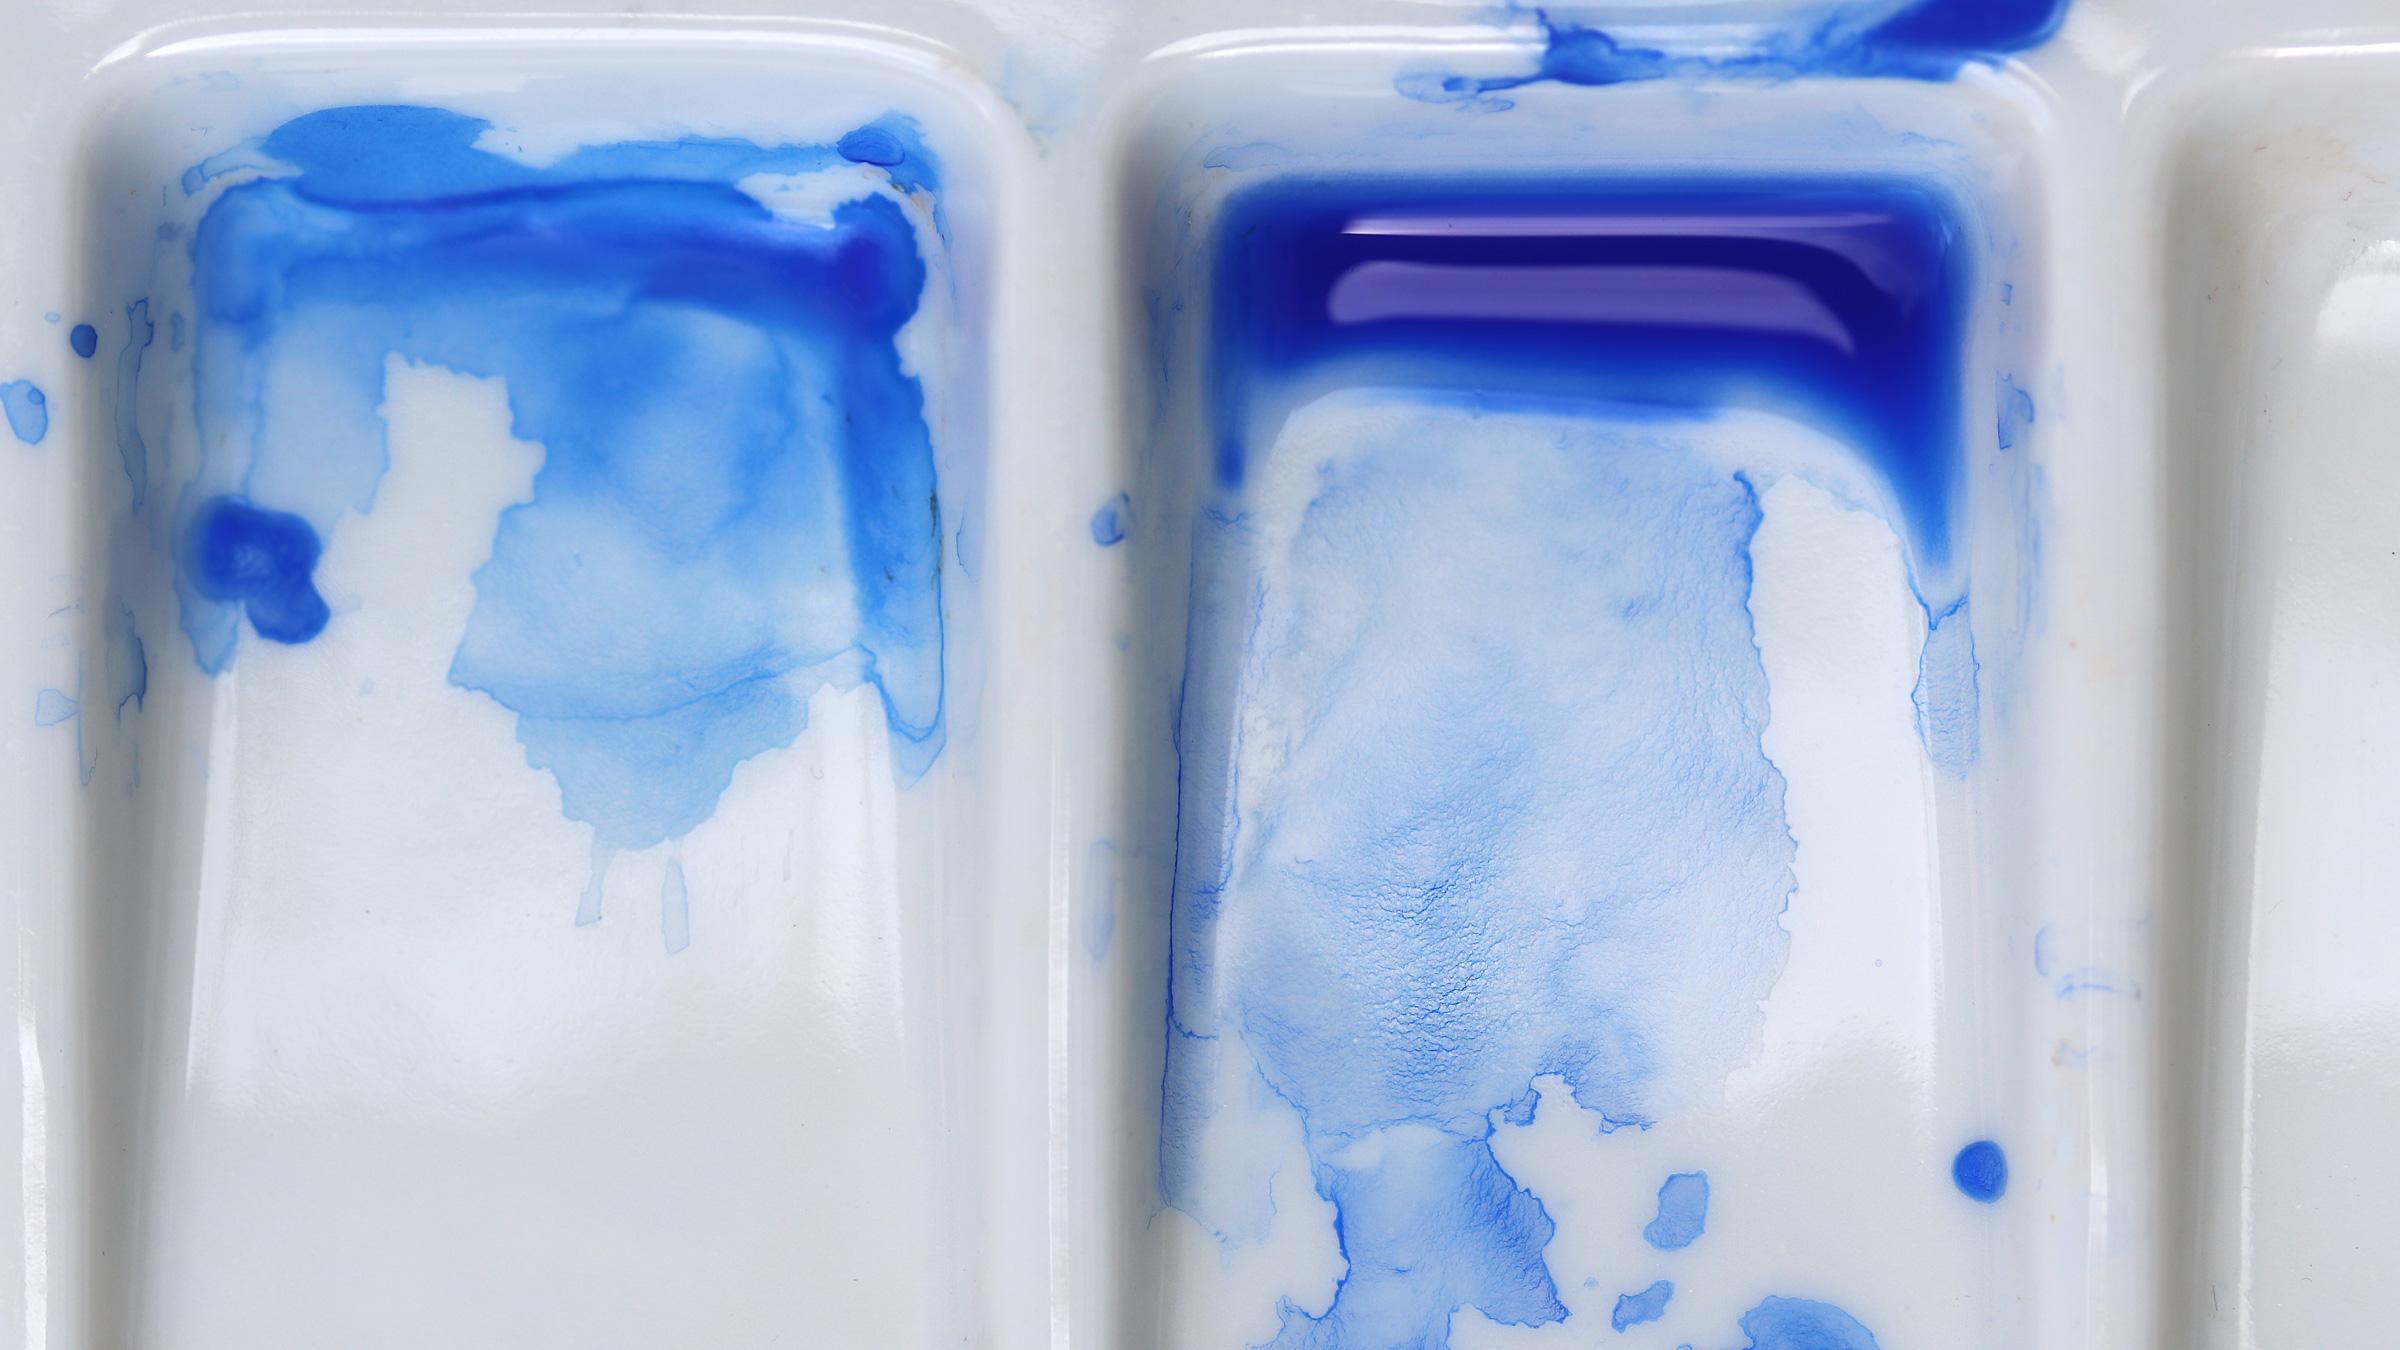 Granulierende Aquarellfarbe – Schmincke Ultramarin Blau: Anlösen der Pigemente mit viel Wasser und Granulierung (Sedimentation) auch auf der Mischpalette